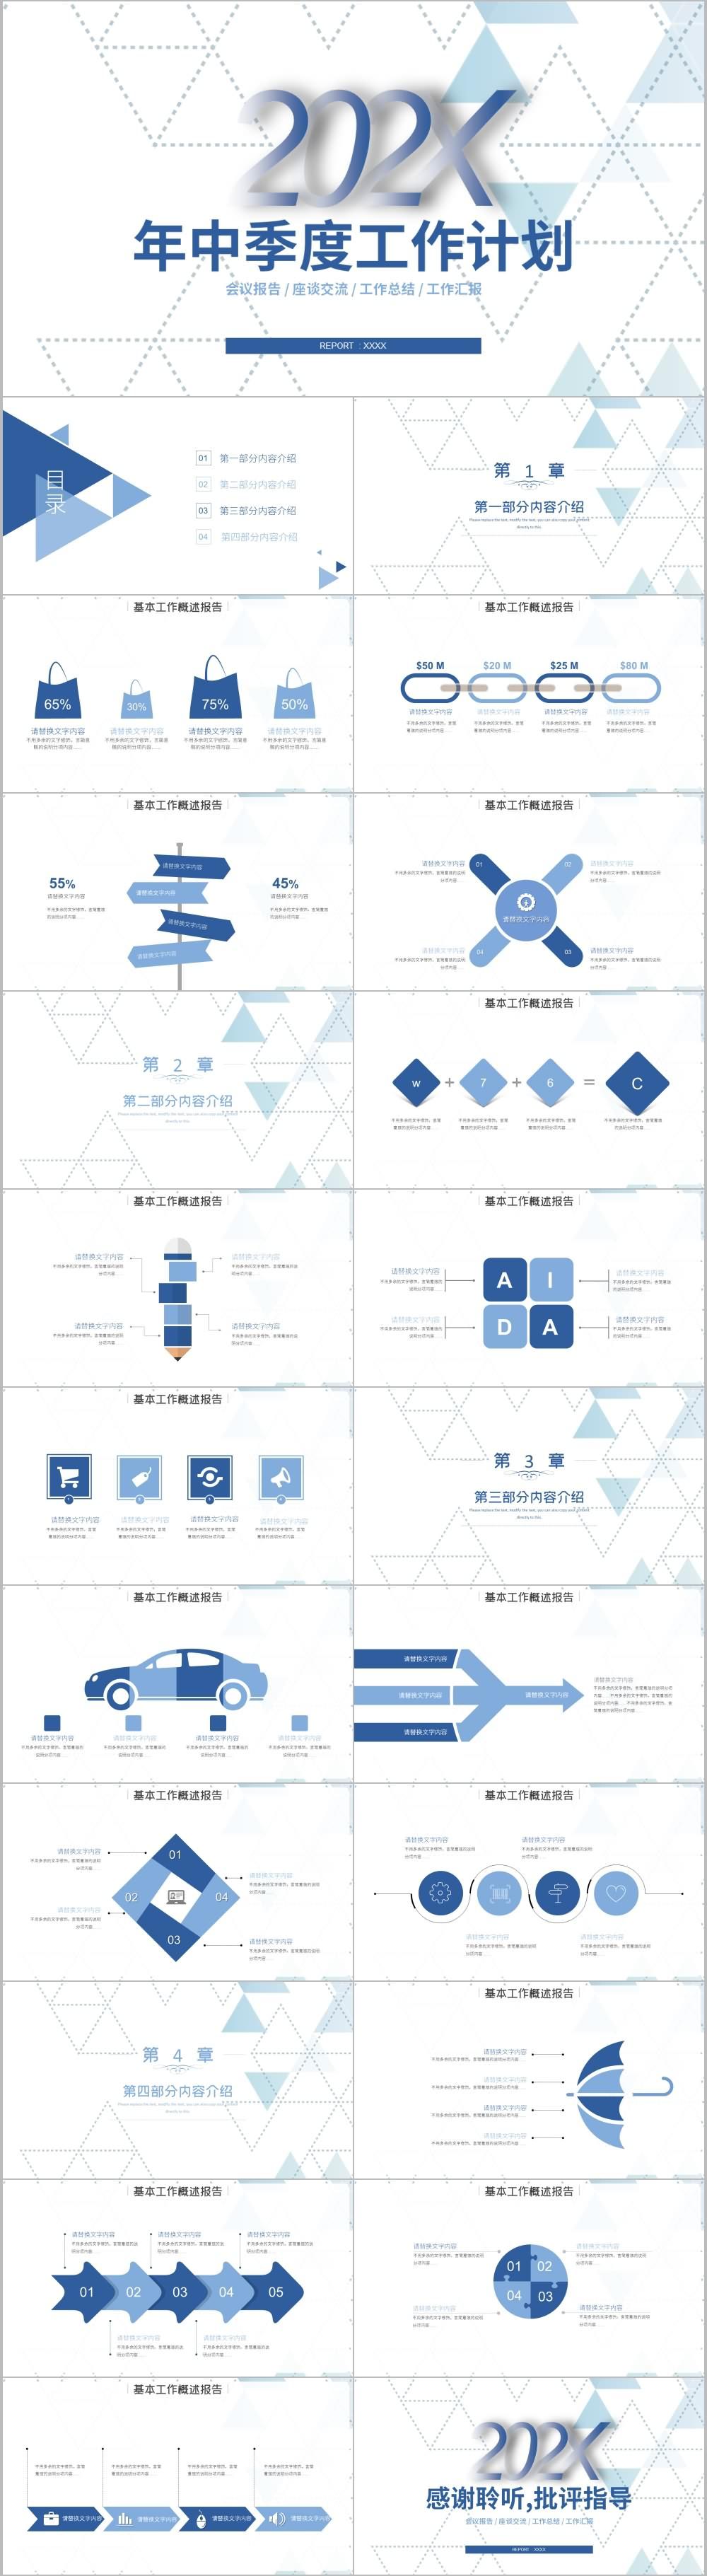 创意三角形简约风年中总结汇报PPT模版